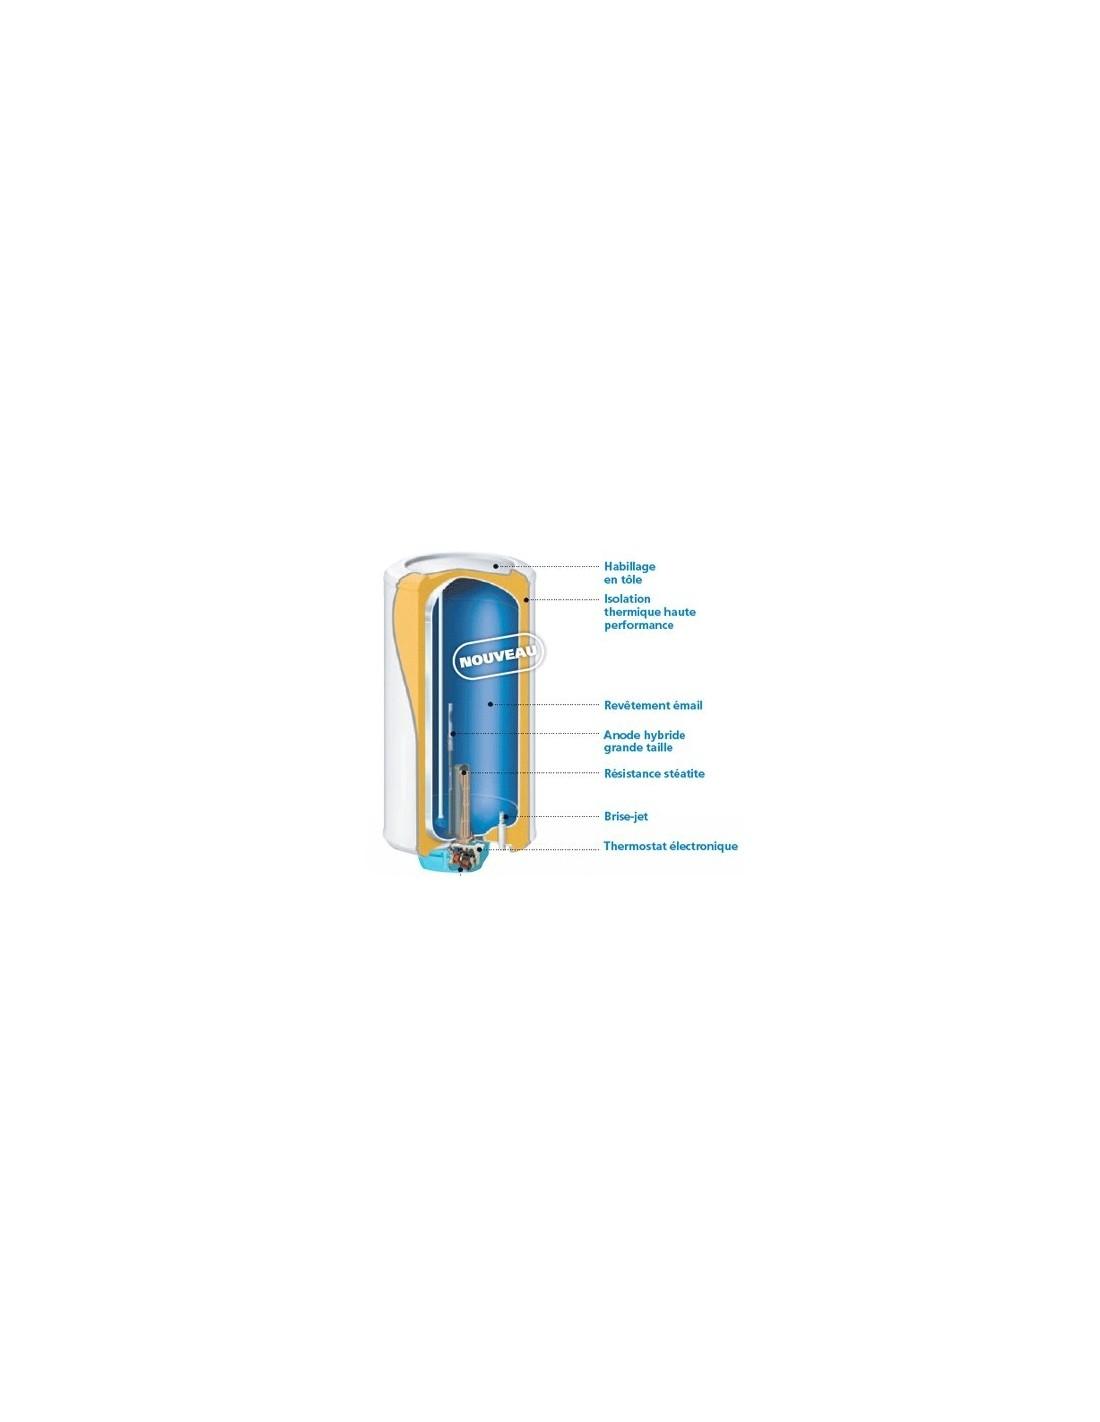 Chauffe eau 250l atlantic zeneo aci hybride sur socle 2200w - Alimentation chauffe eau ...